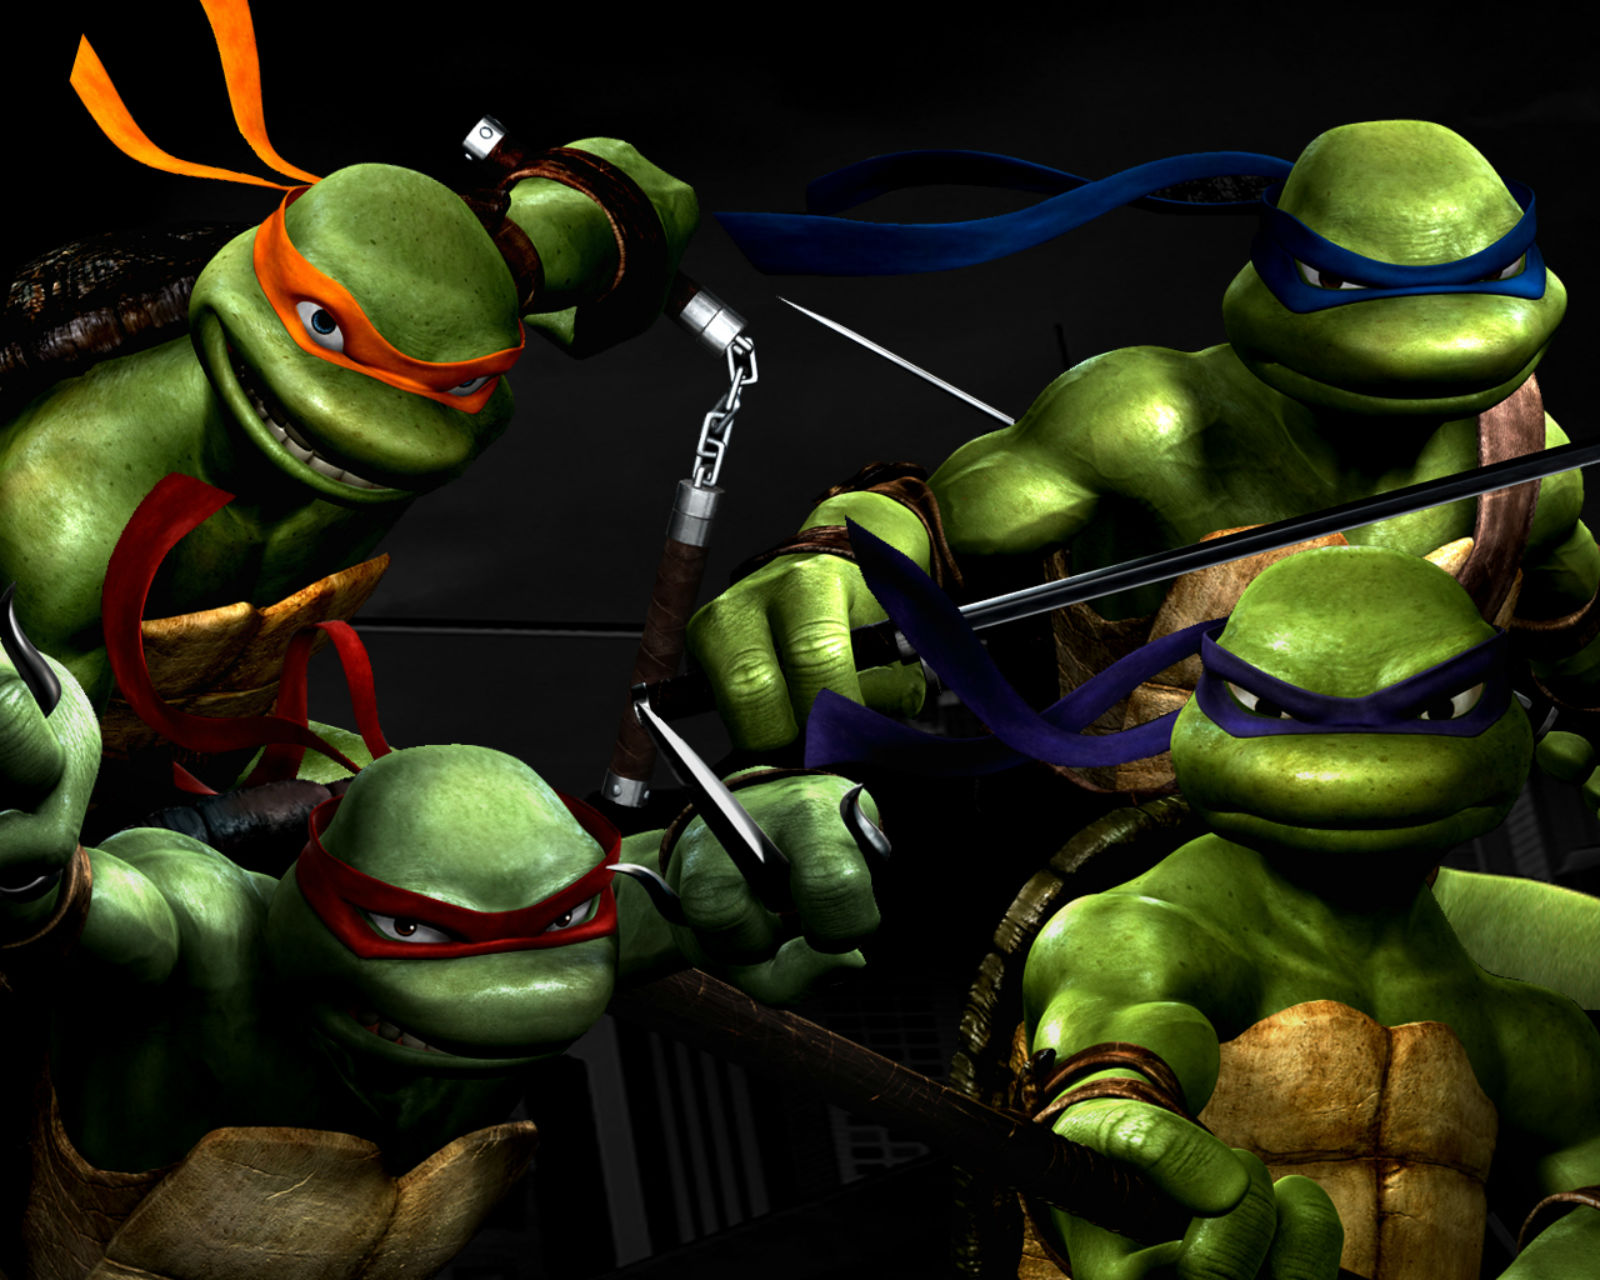 Teenage Mutant Ninja Turtles HD Wallpapers | Desktop Wallpapers